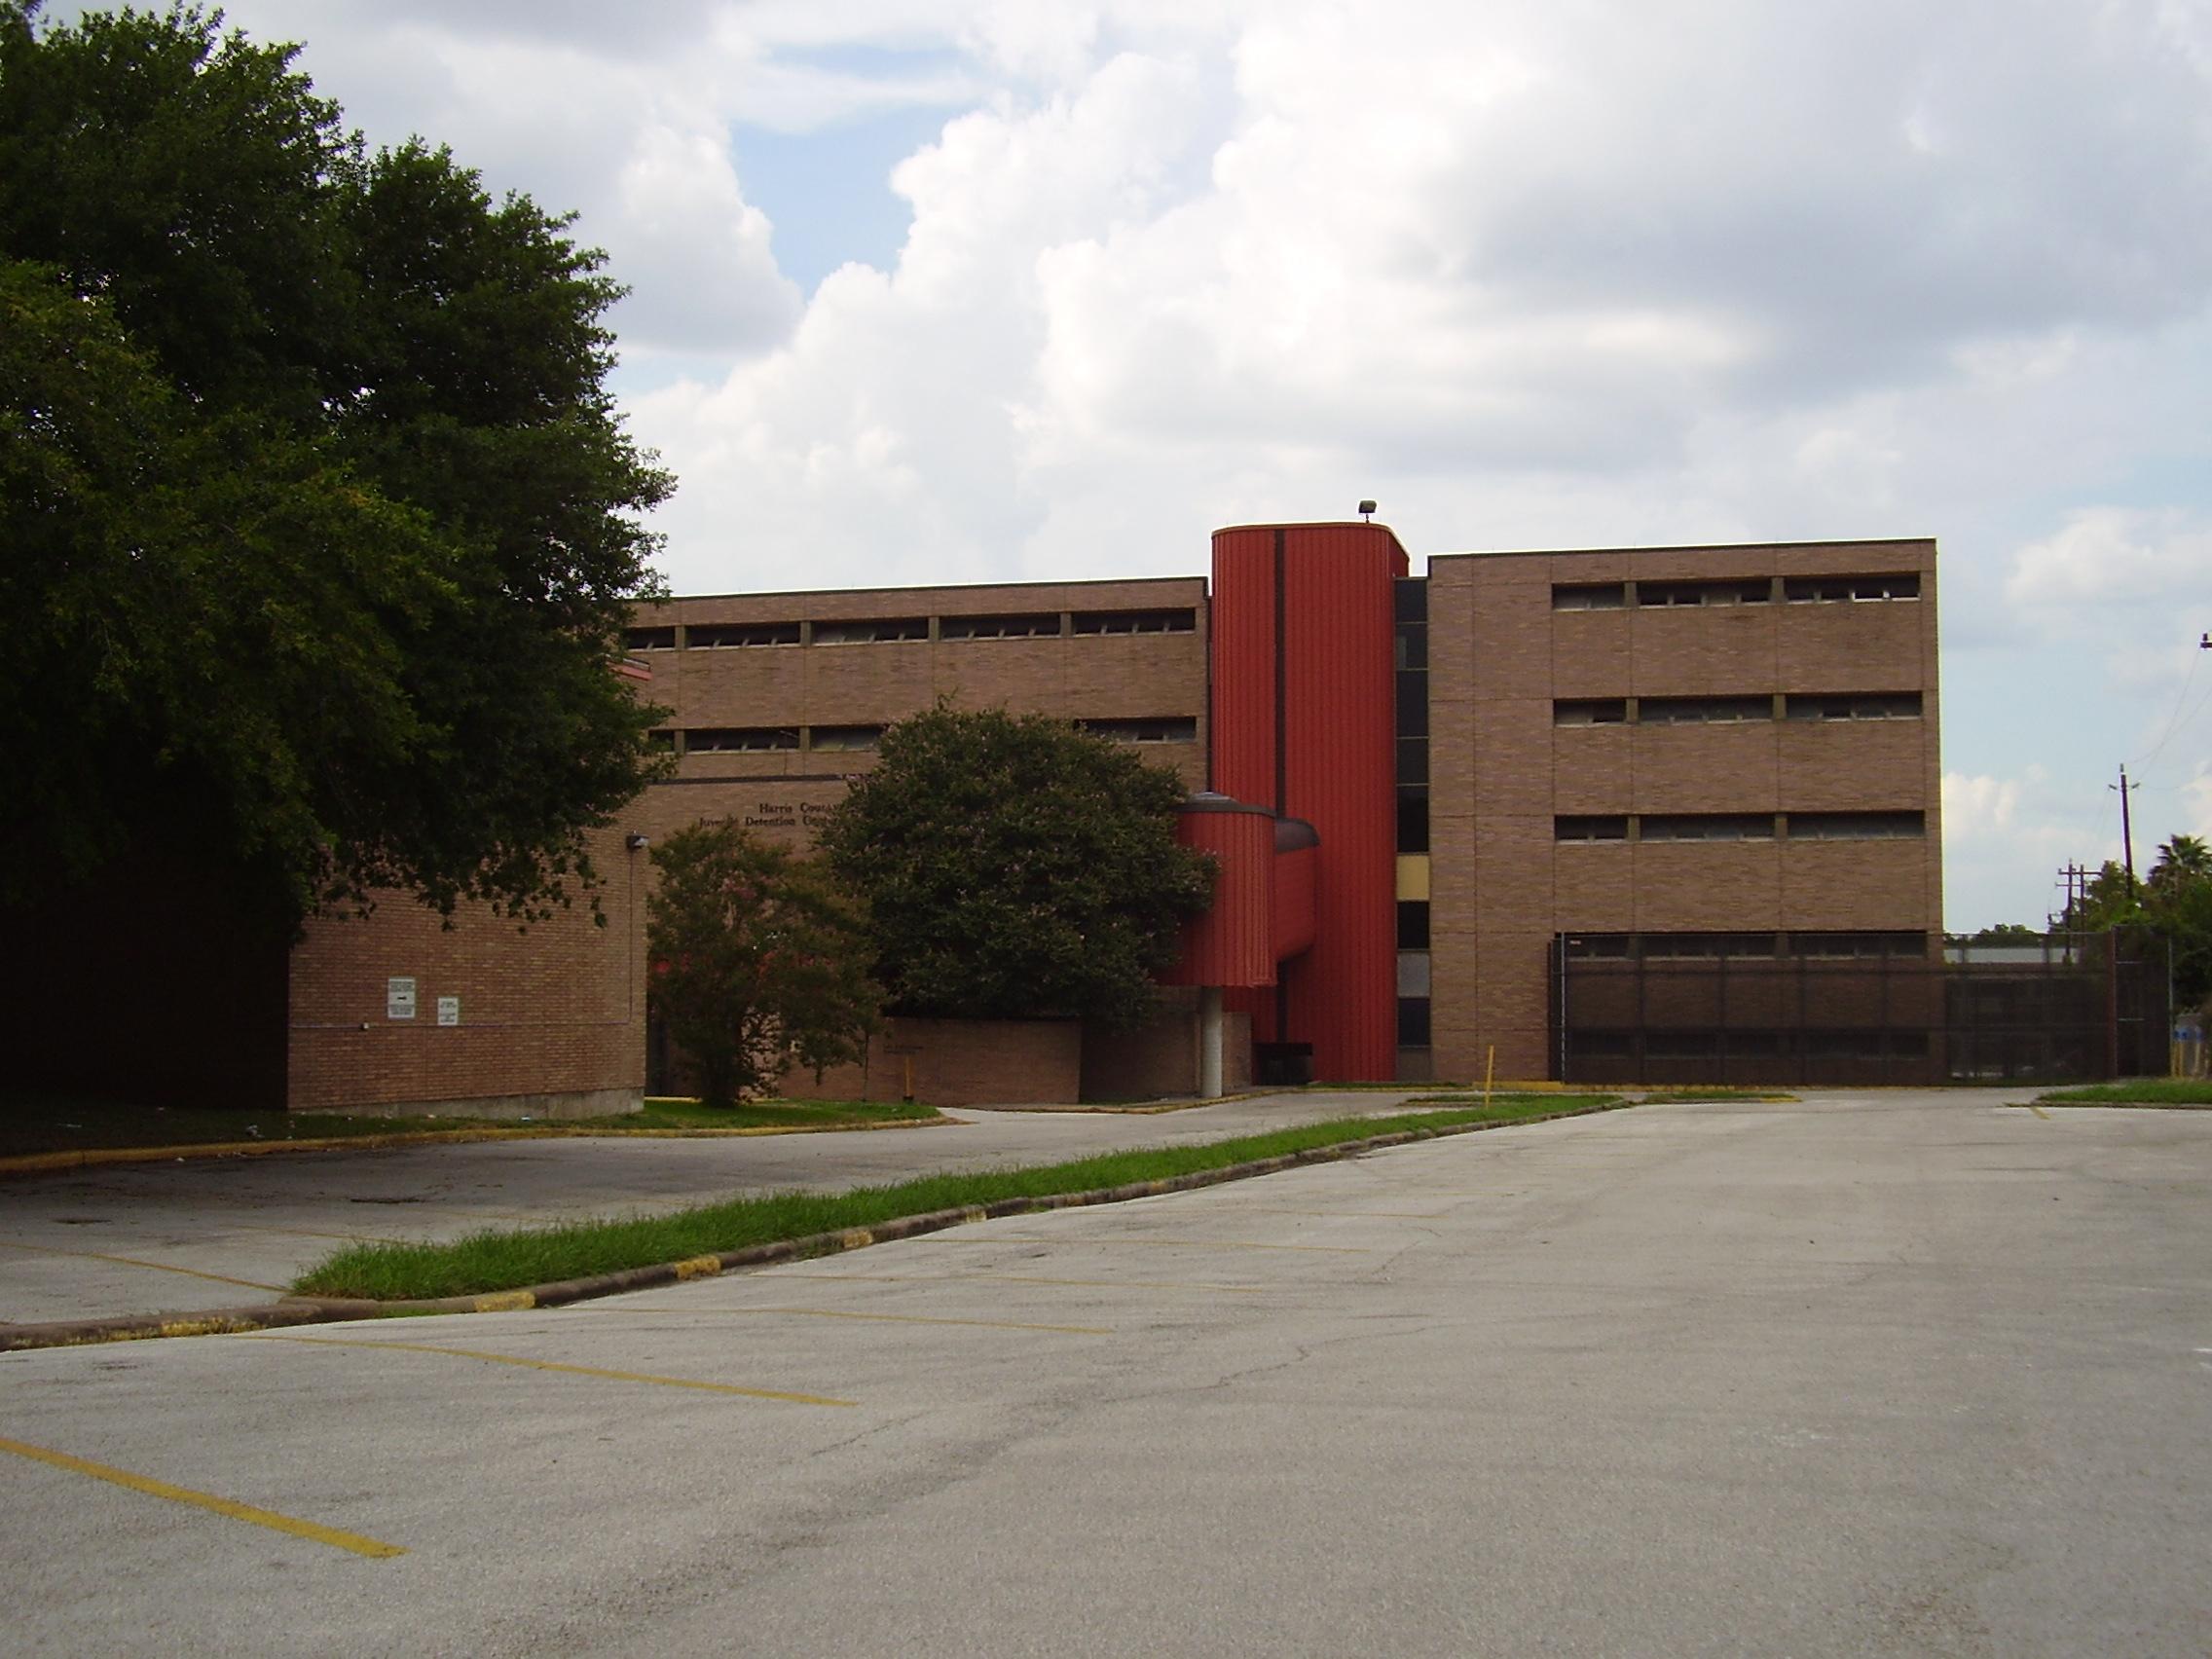 DOJ announces probe into conditions at Texas juvenile correctional facilities